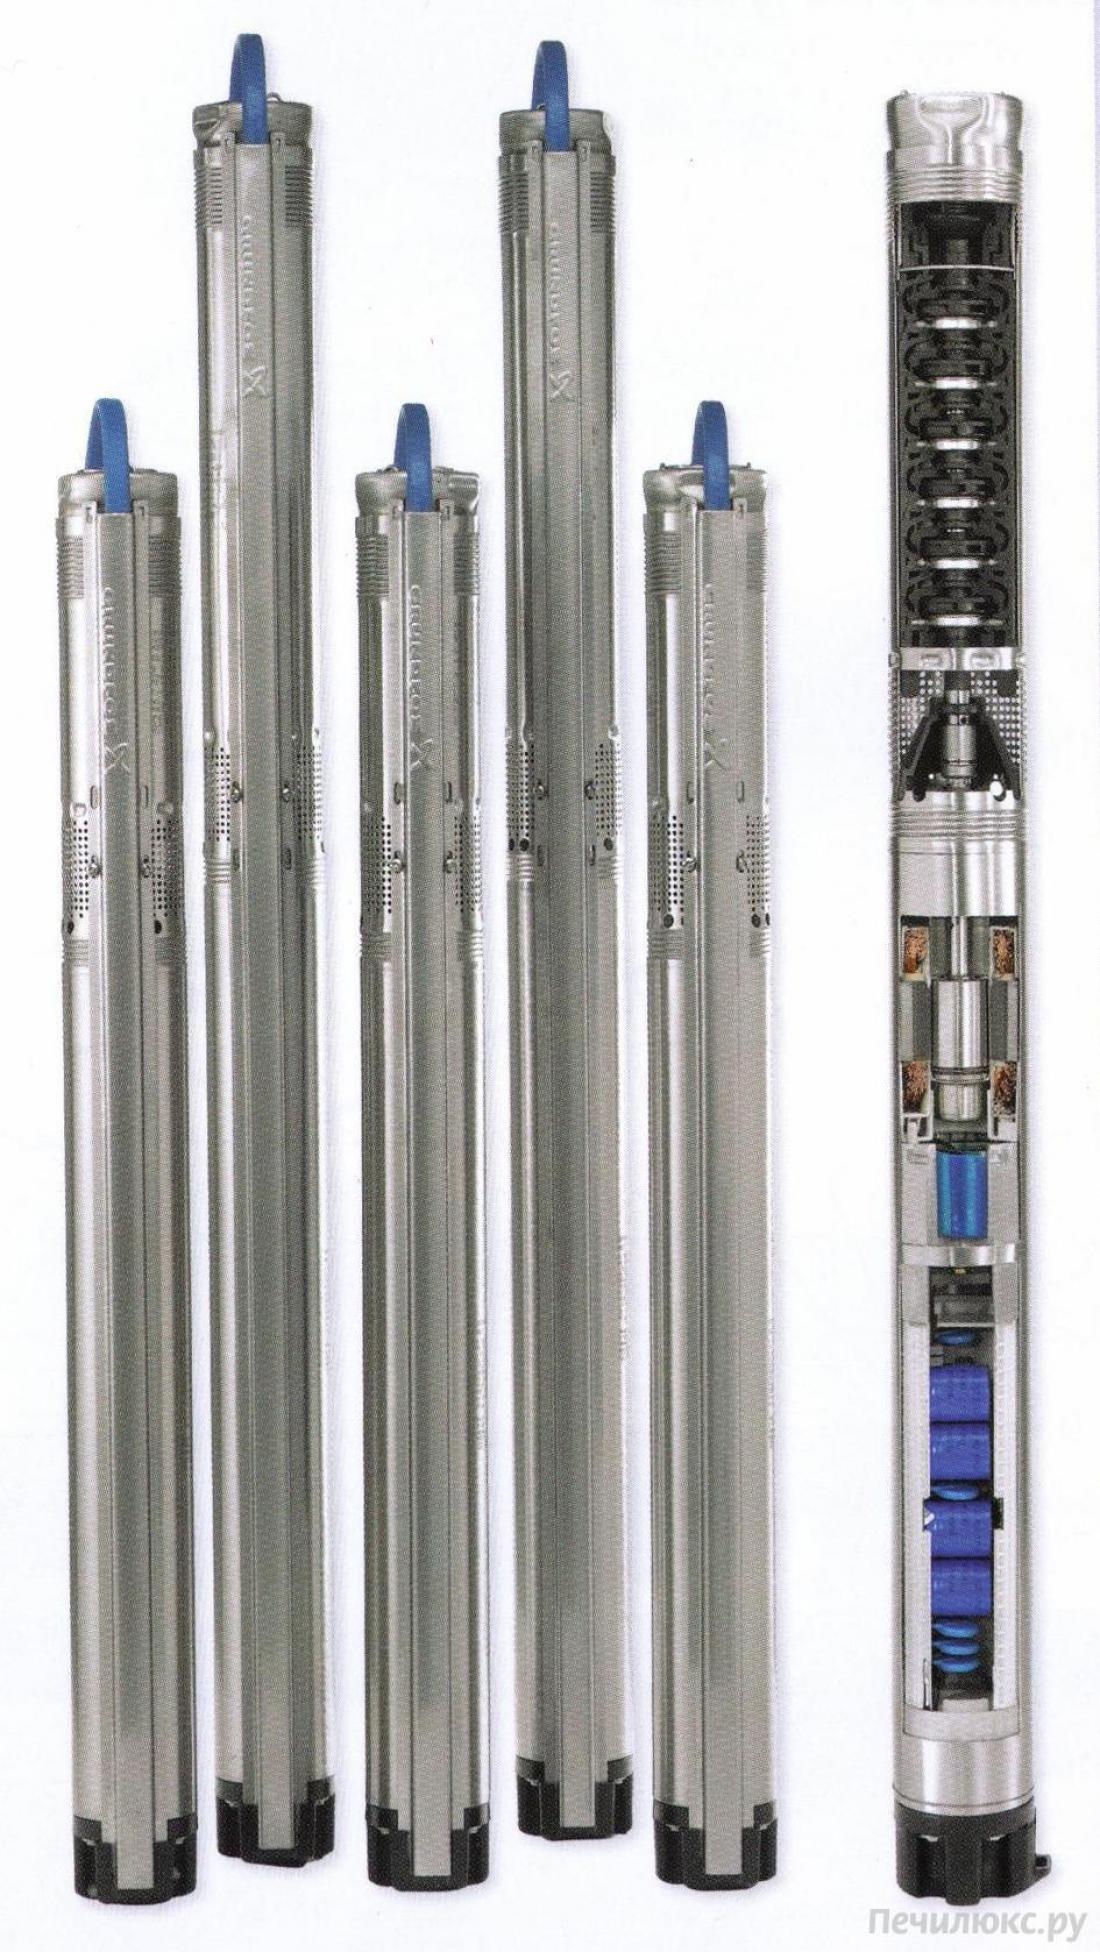 SQ  7- 30     1.15kW 200-240V 50/60Hz